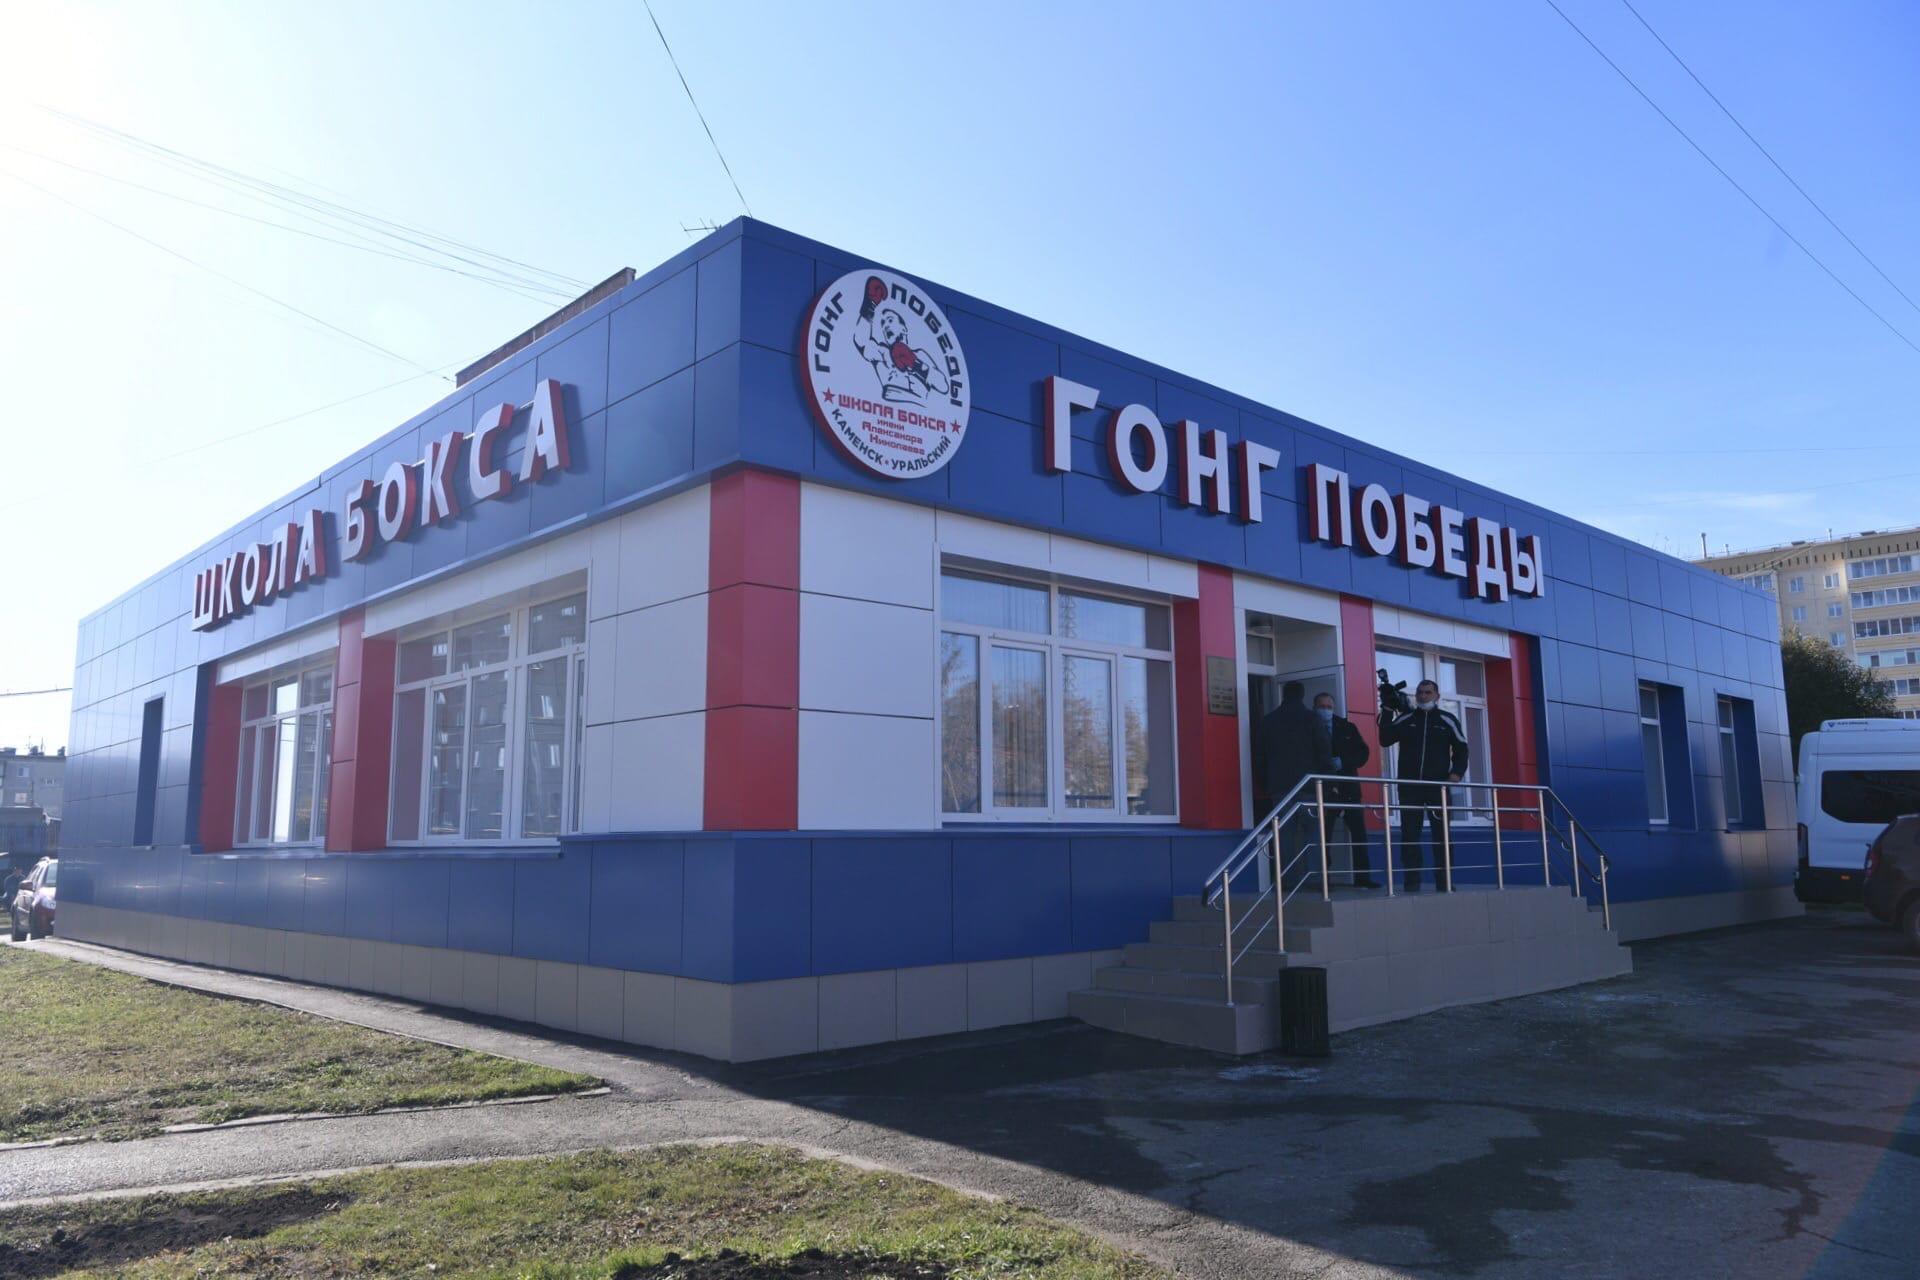 Открытие школы бокса Александра Николаева «ГОНГ ПОБЕДЫ» (г. Каменск-Уральский).